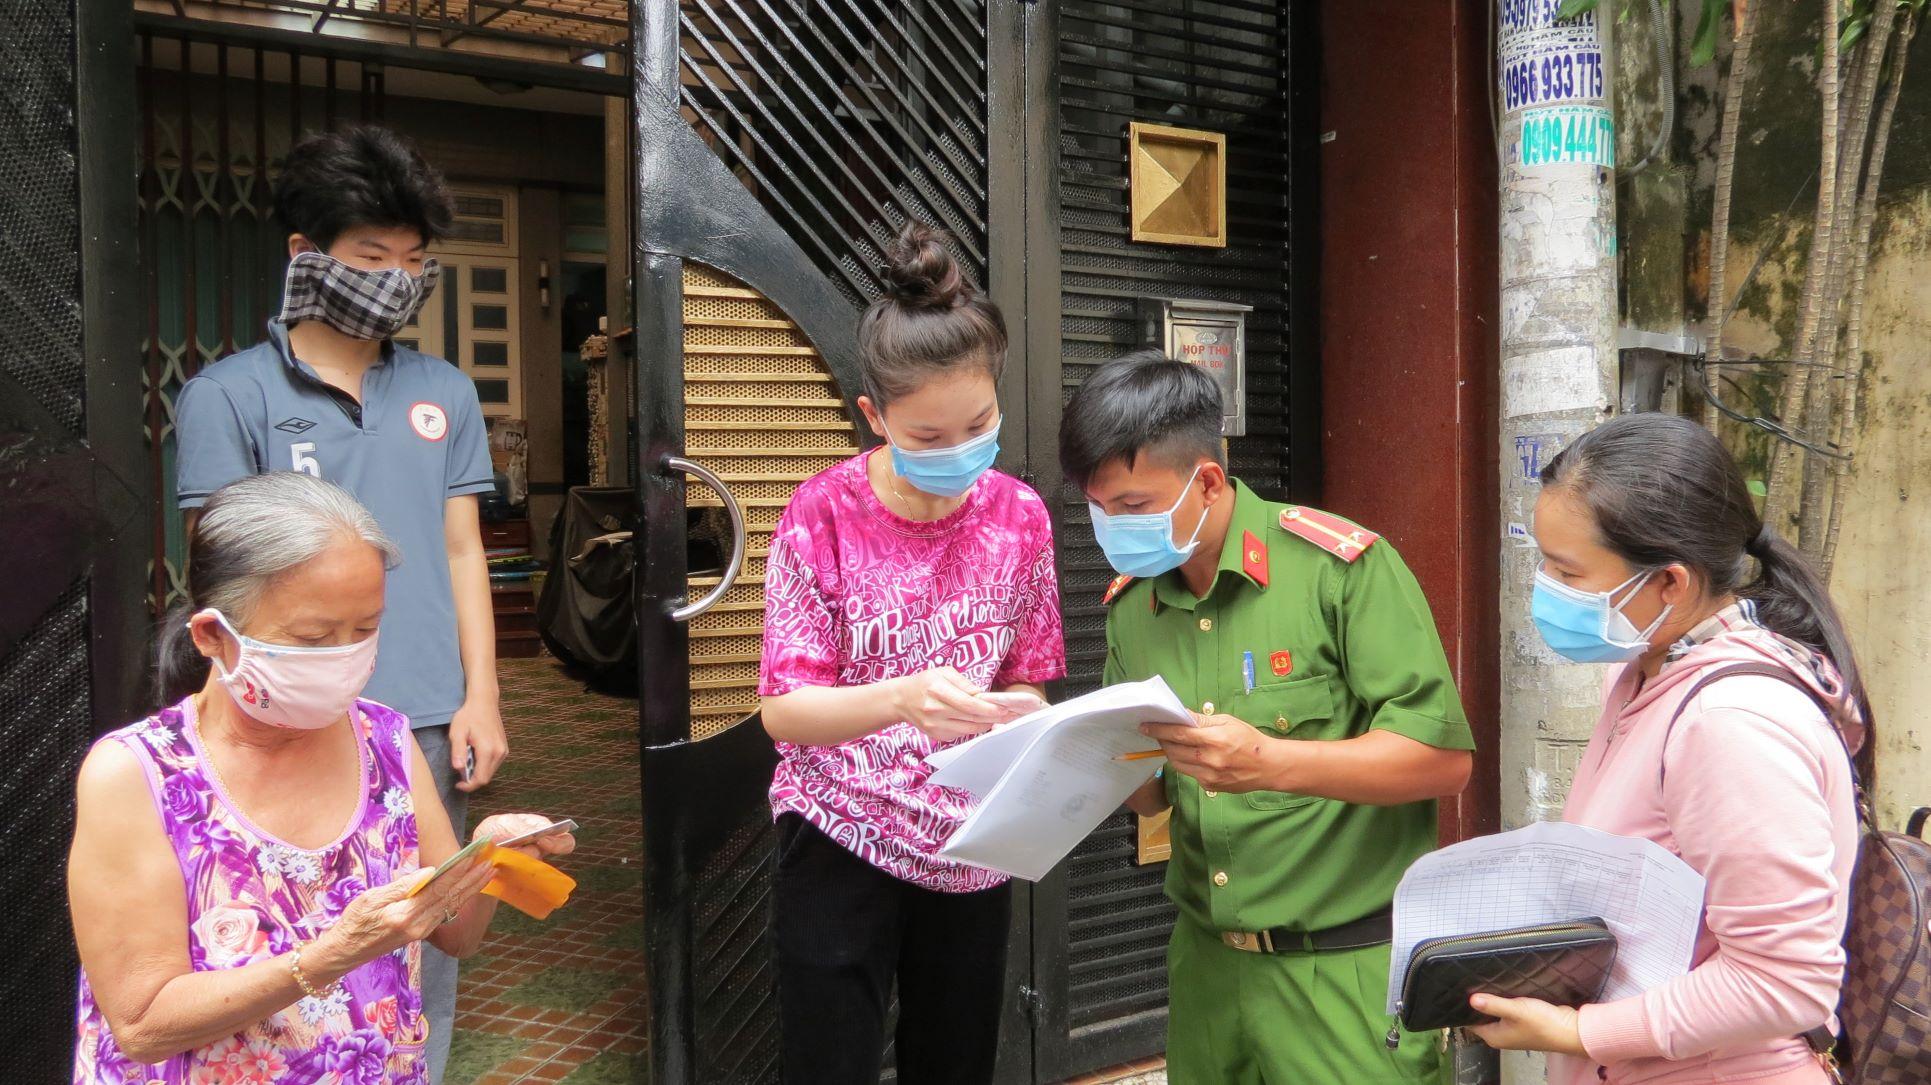 Tổ công tác khu phố 10, phường 14, quận Gò Vấp chi tiền cho hộ dân. Ảnh: Lê Tuyết